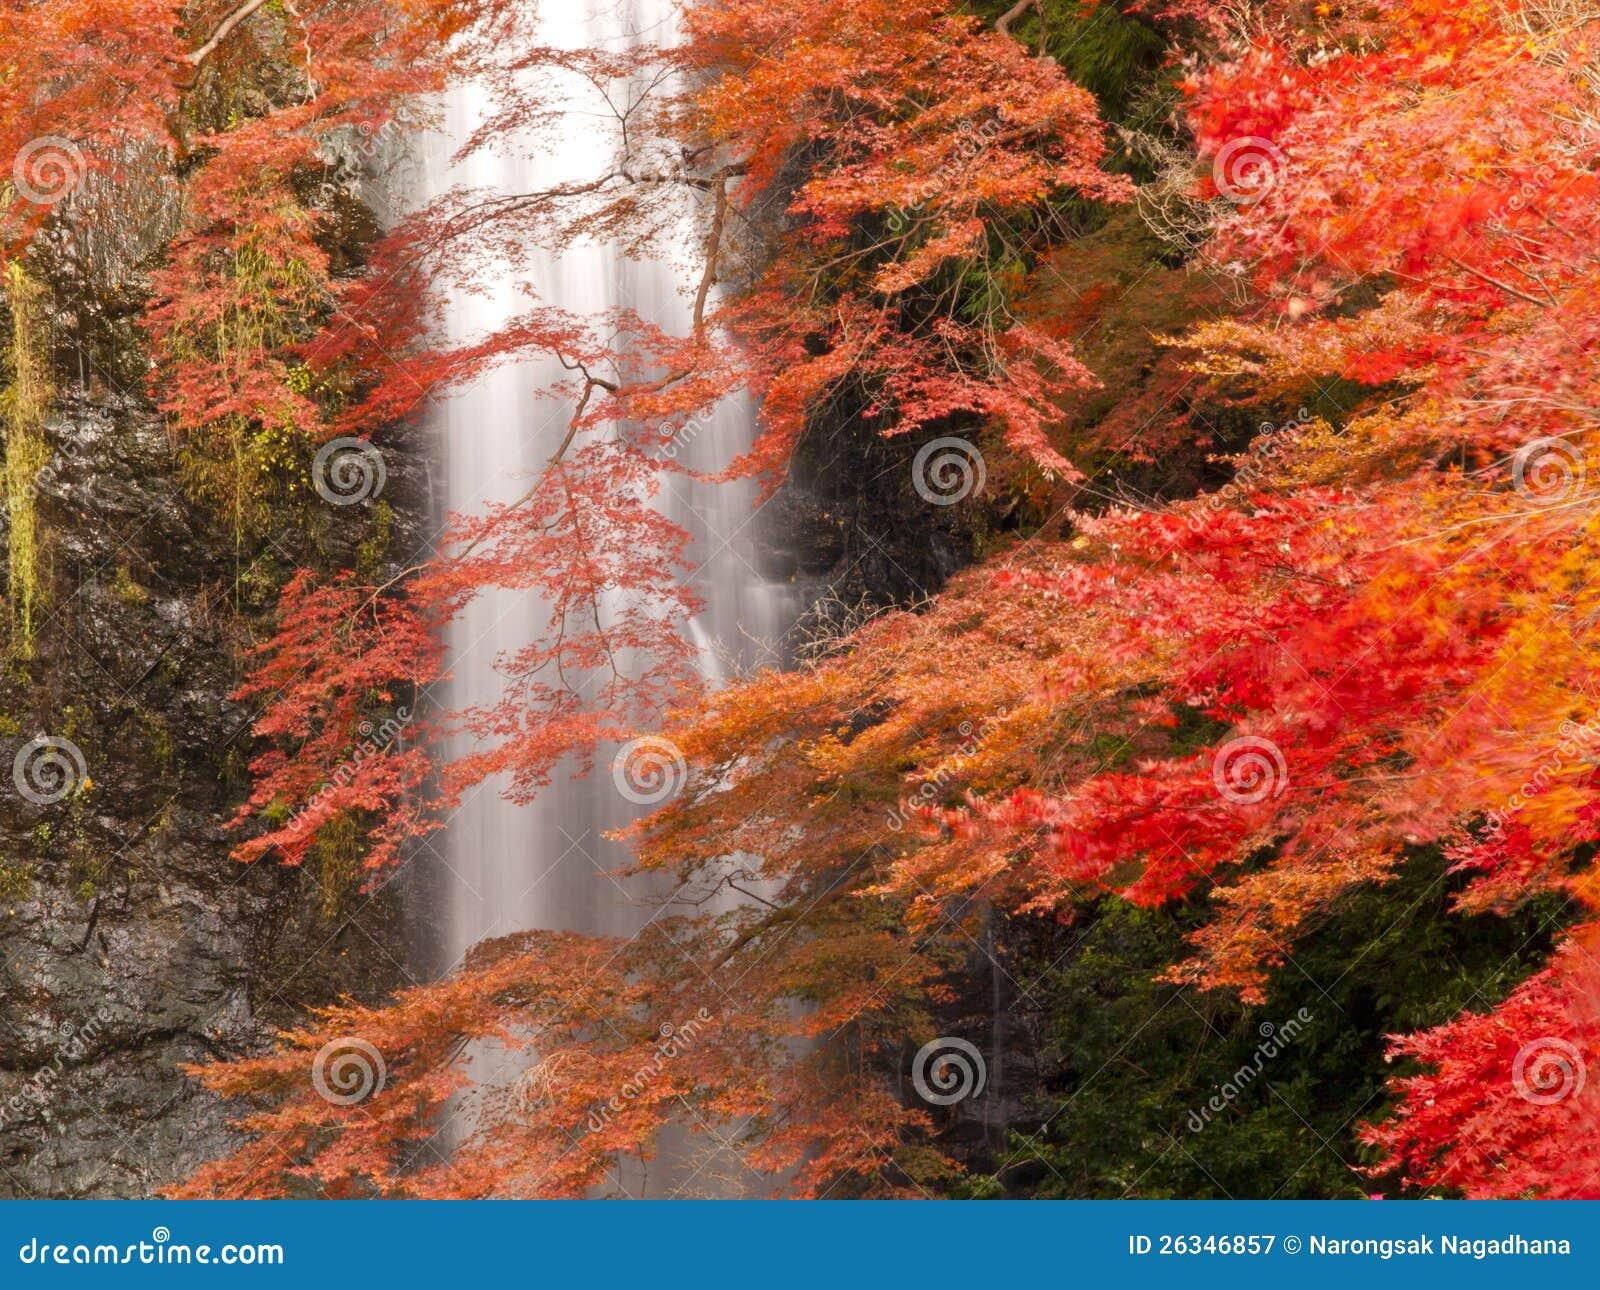 Minoh waterfall in autumn